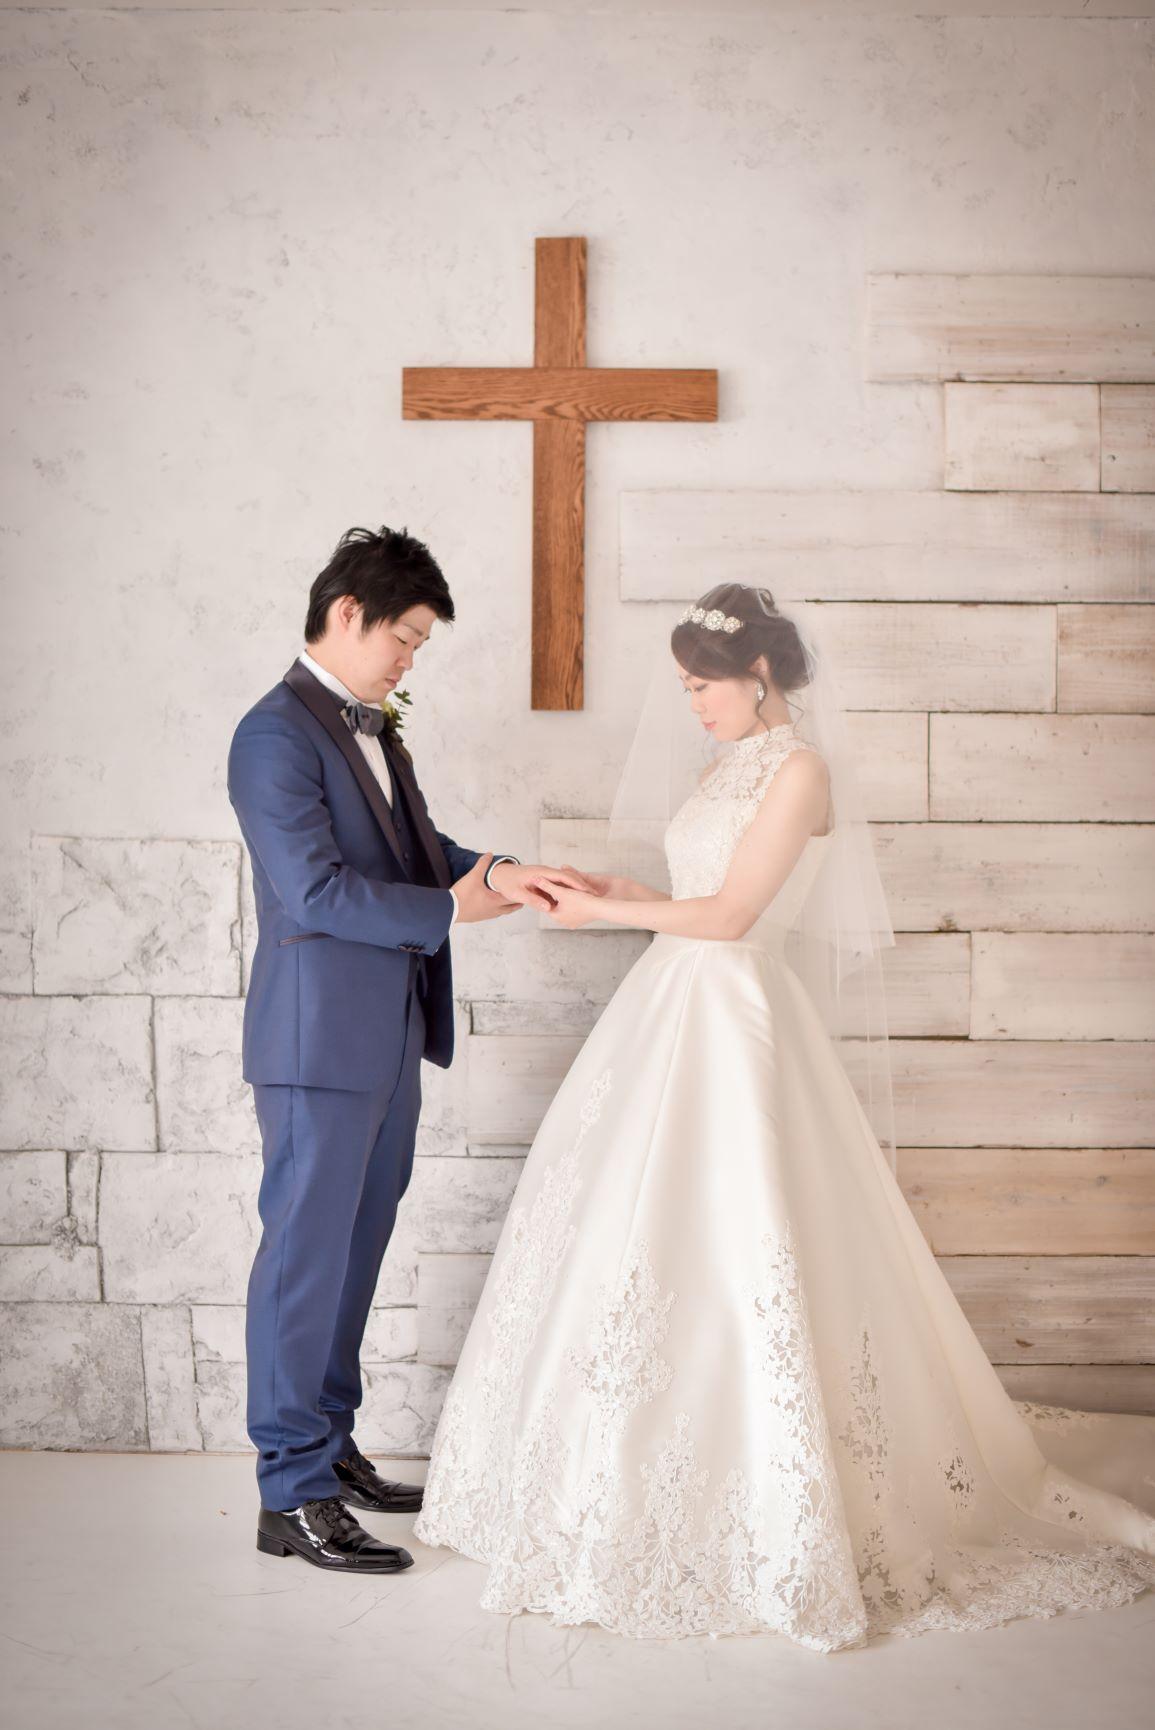 フォトウエディング&和装ロケーションフォト 2019.5.3 写真